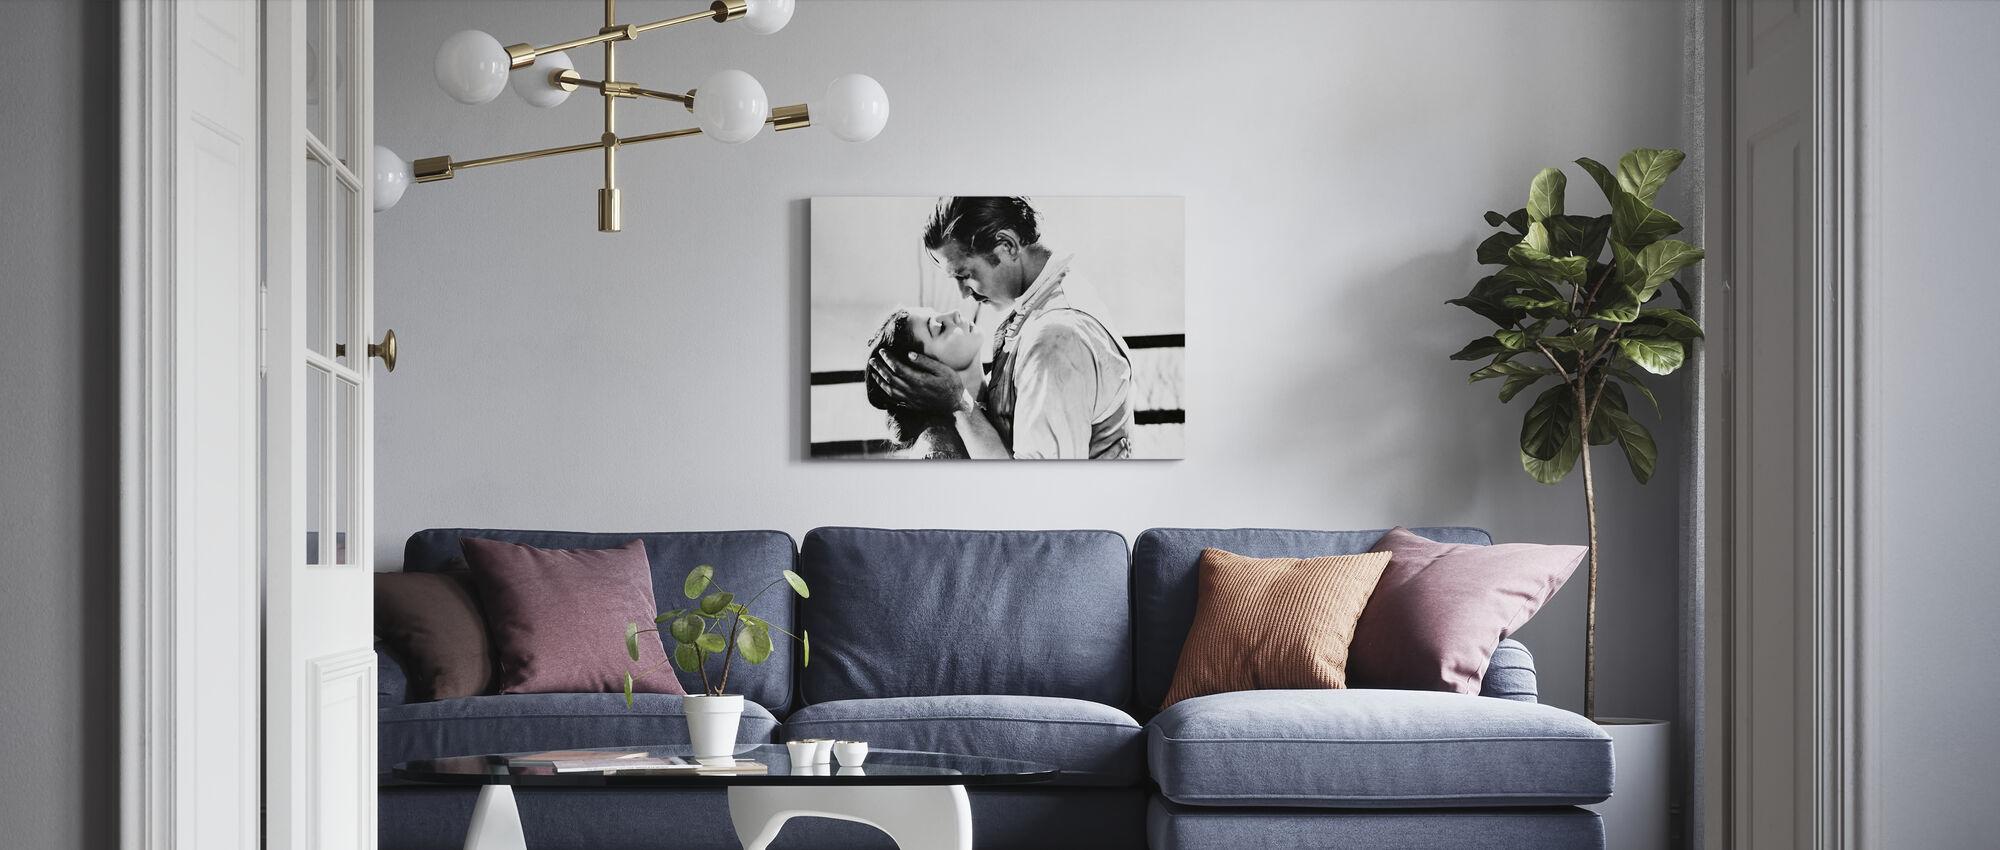 Borta med vinden - Clark Gable och Vivien Leigh - Canvastavla - Vardagsrum